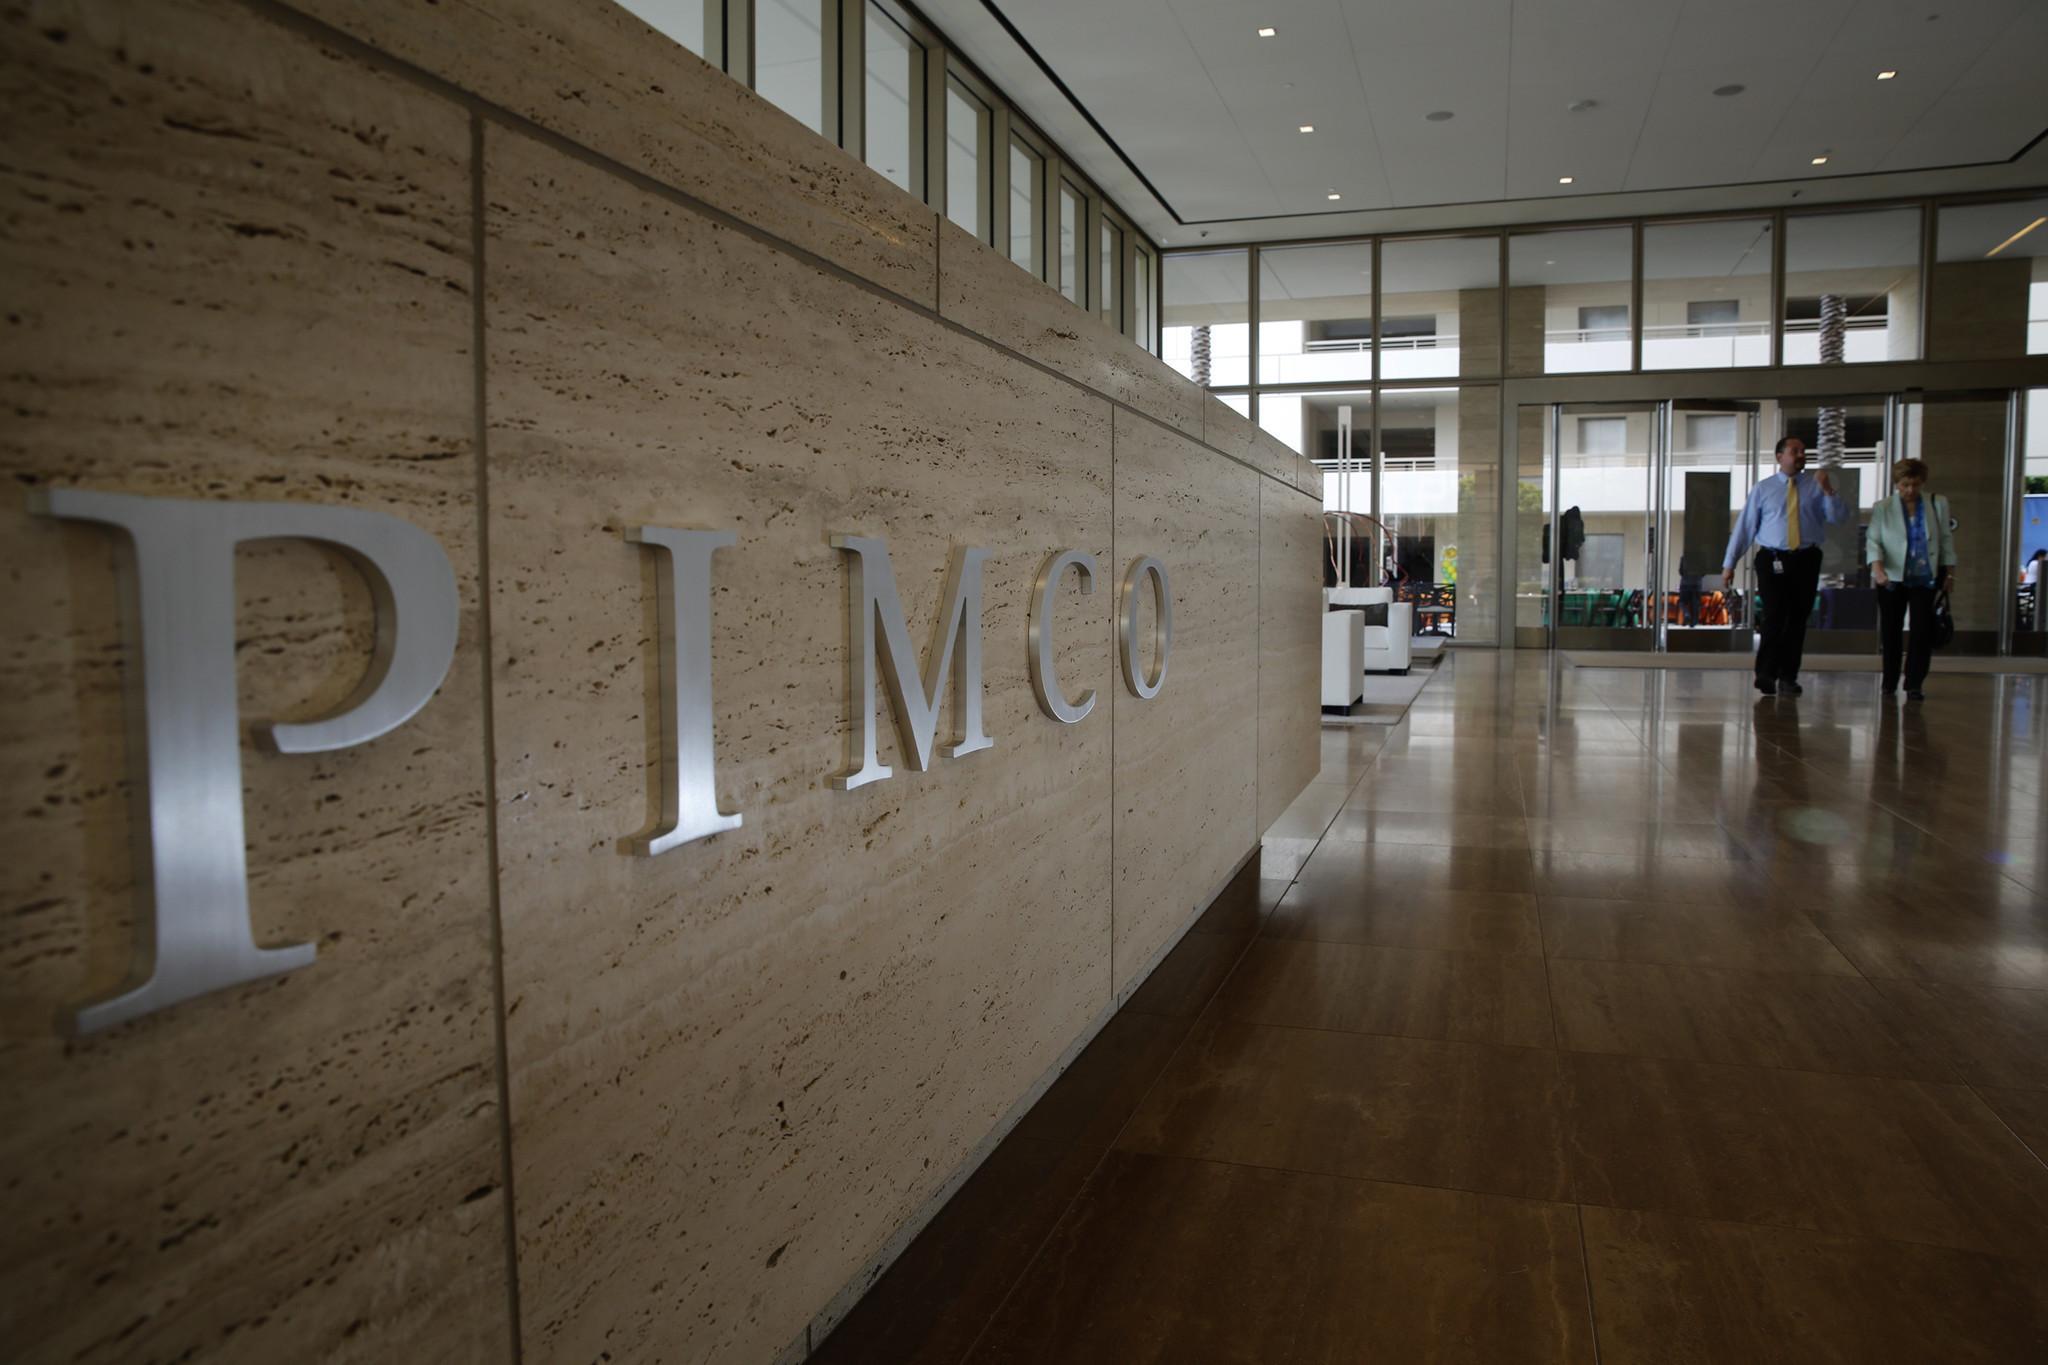 http://www.trbimg.com/img-5841e754/turbine/la-fi-pimco-settlement-20161202